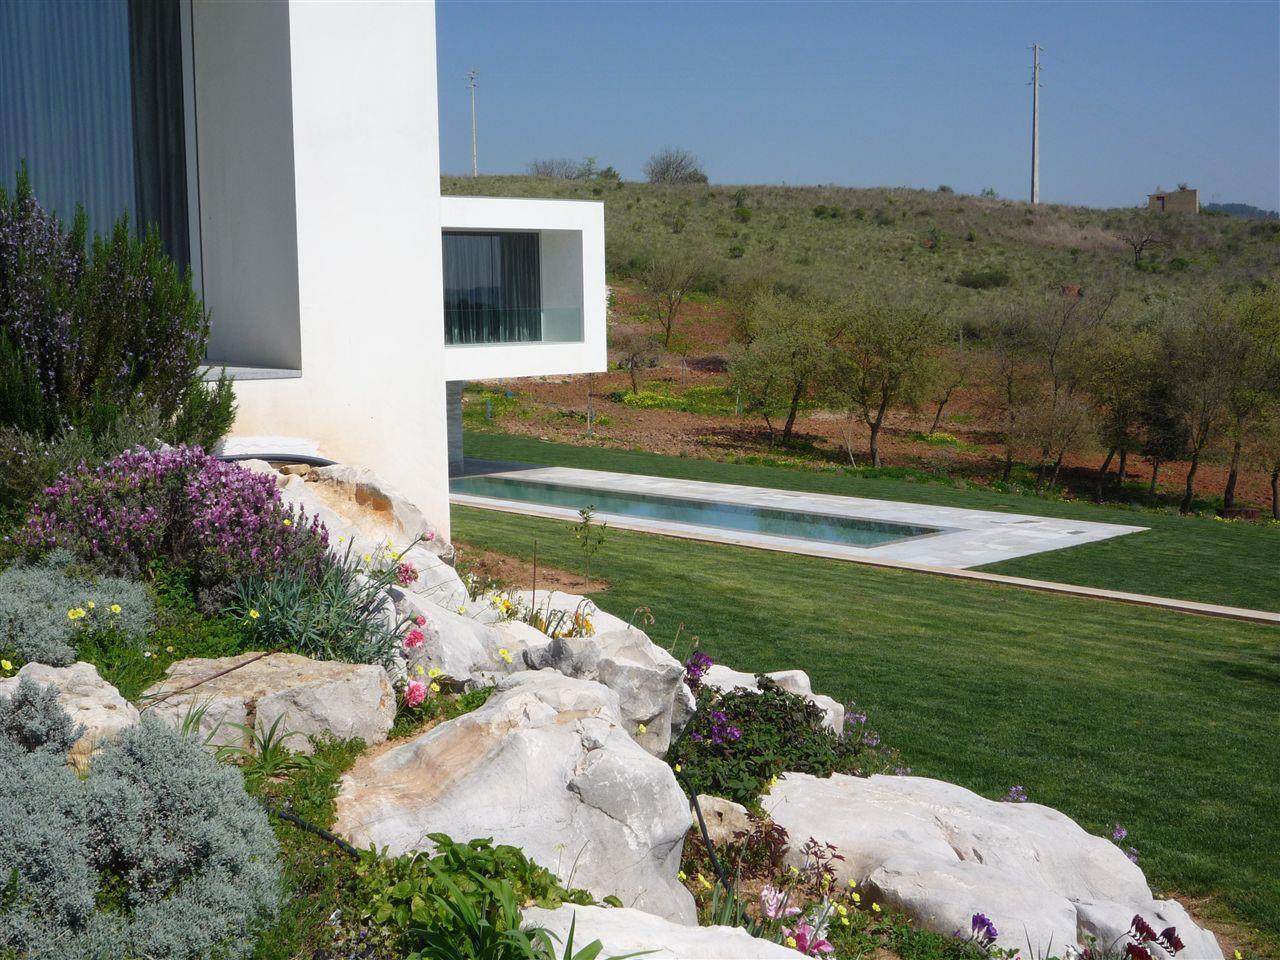 단독 가정 주택 용 매매 에 House, 6 bedrooms, for Sale Other Portugal, 포르투갈의 기타 지역 포르투갈